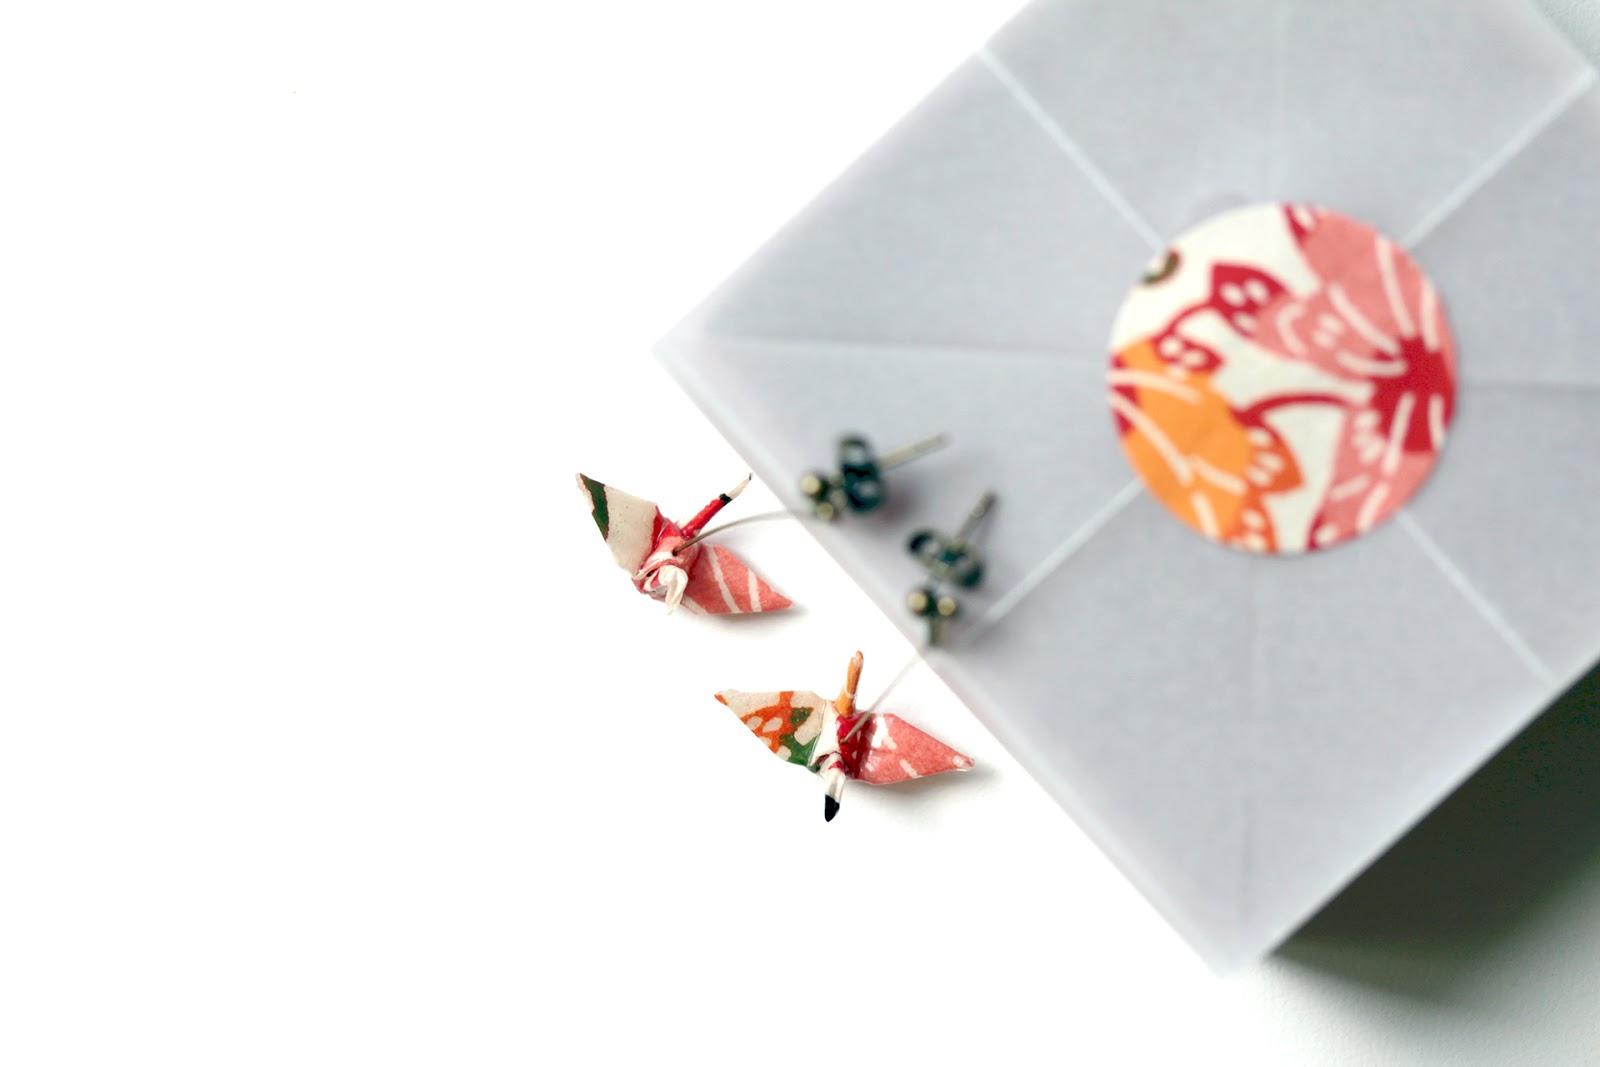 bidouill par lili du c t de l 39 atelier i witchpaper. Black Bedroom Furniture Sets. Home Design Ideas